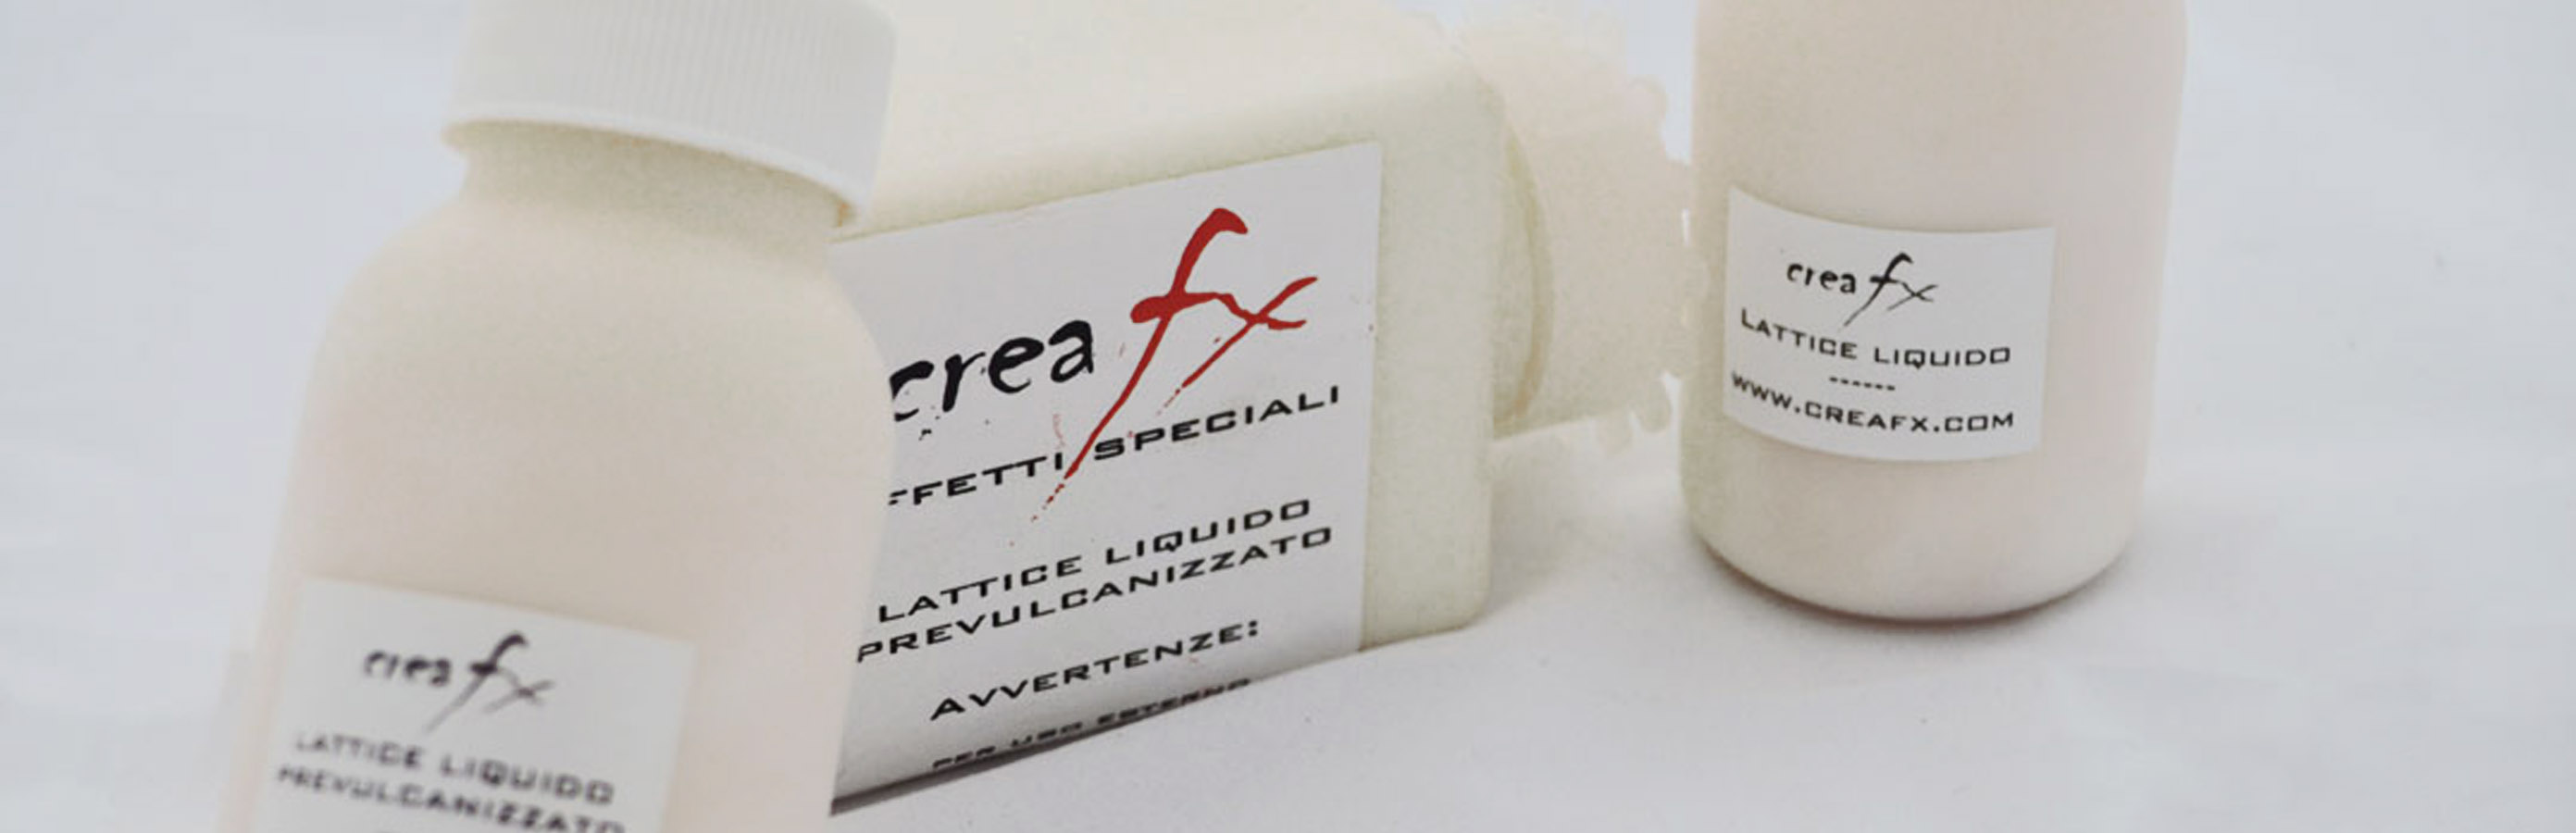 Lattice liquido naturale prevulcanizzato crea fx effetti for Lattice prevulcanizzato